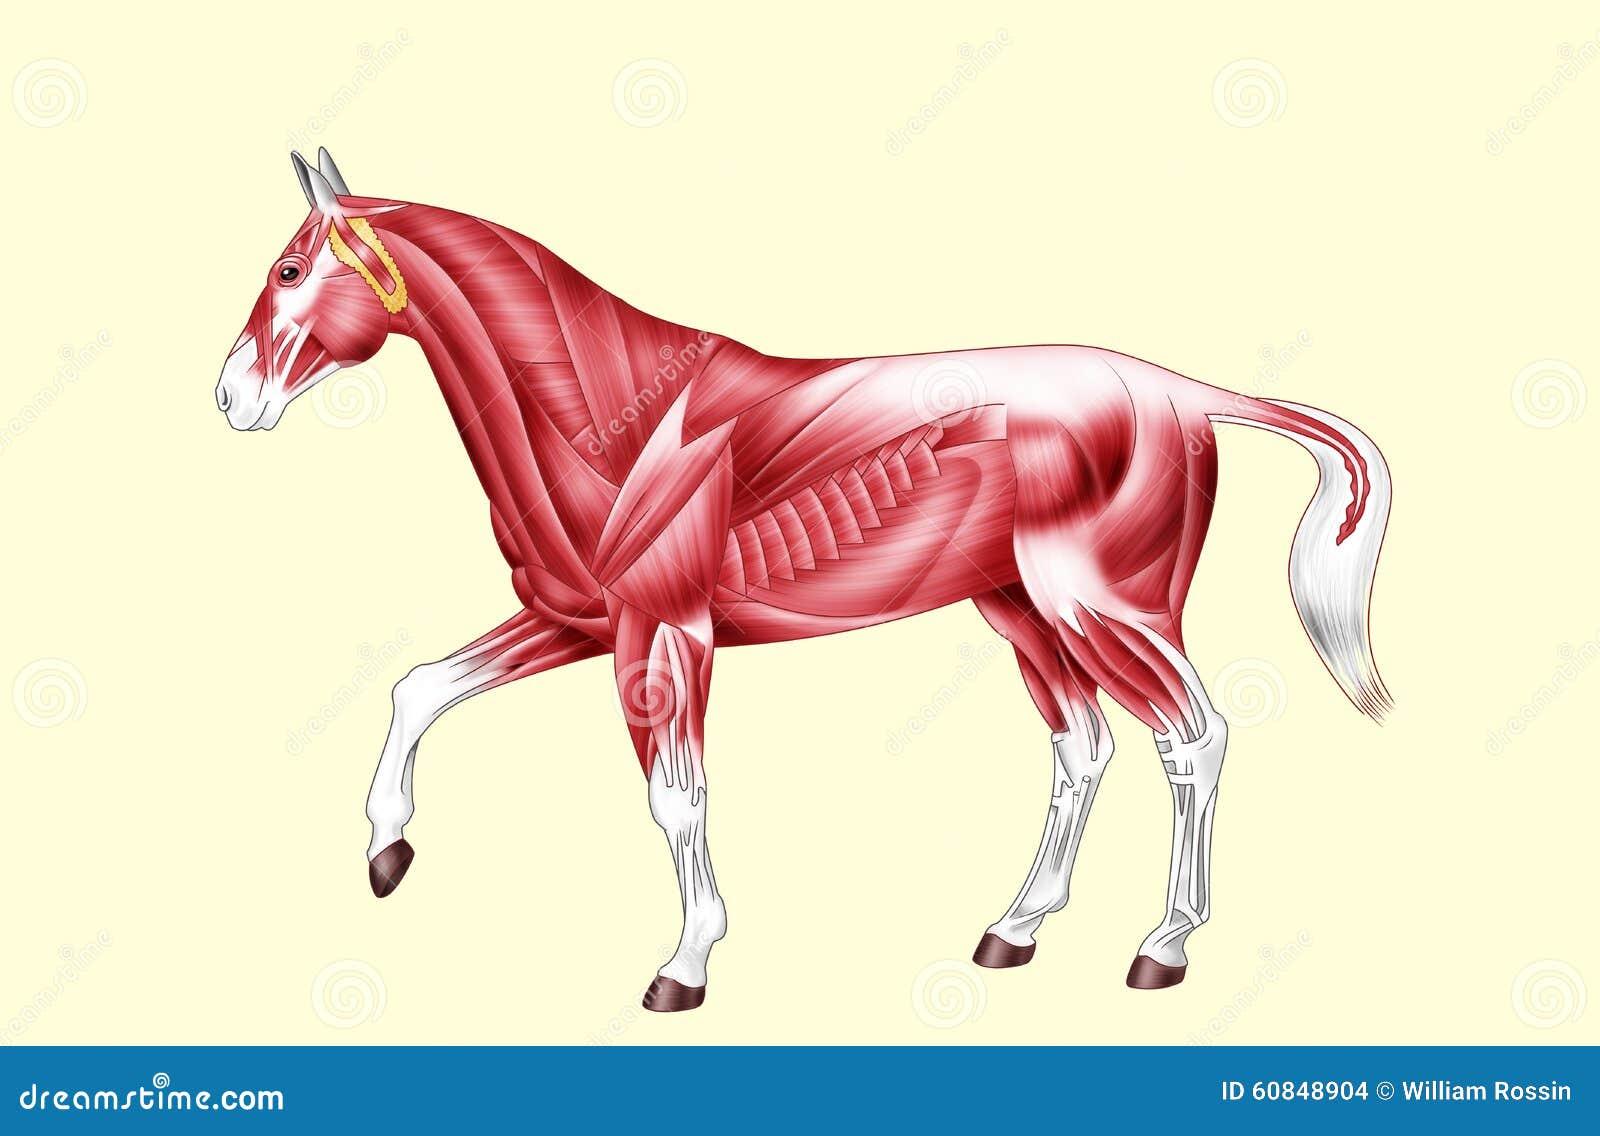 Anatomía Del Caballo - Músculos - Ningún Texto Stock de ilustración ...